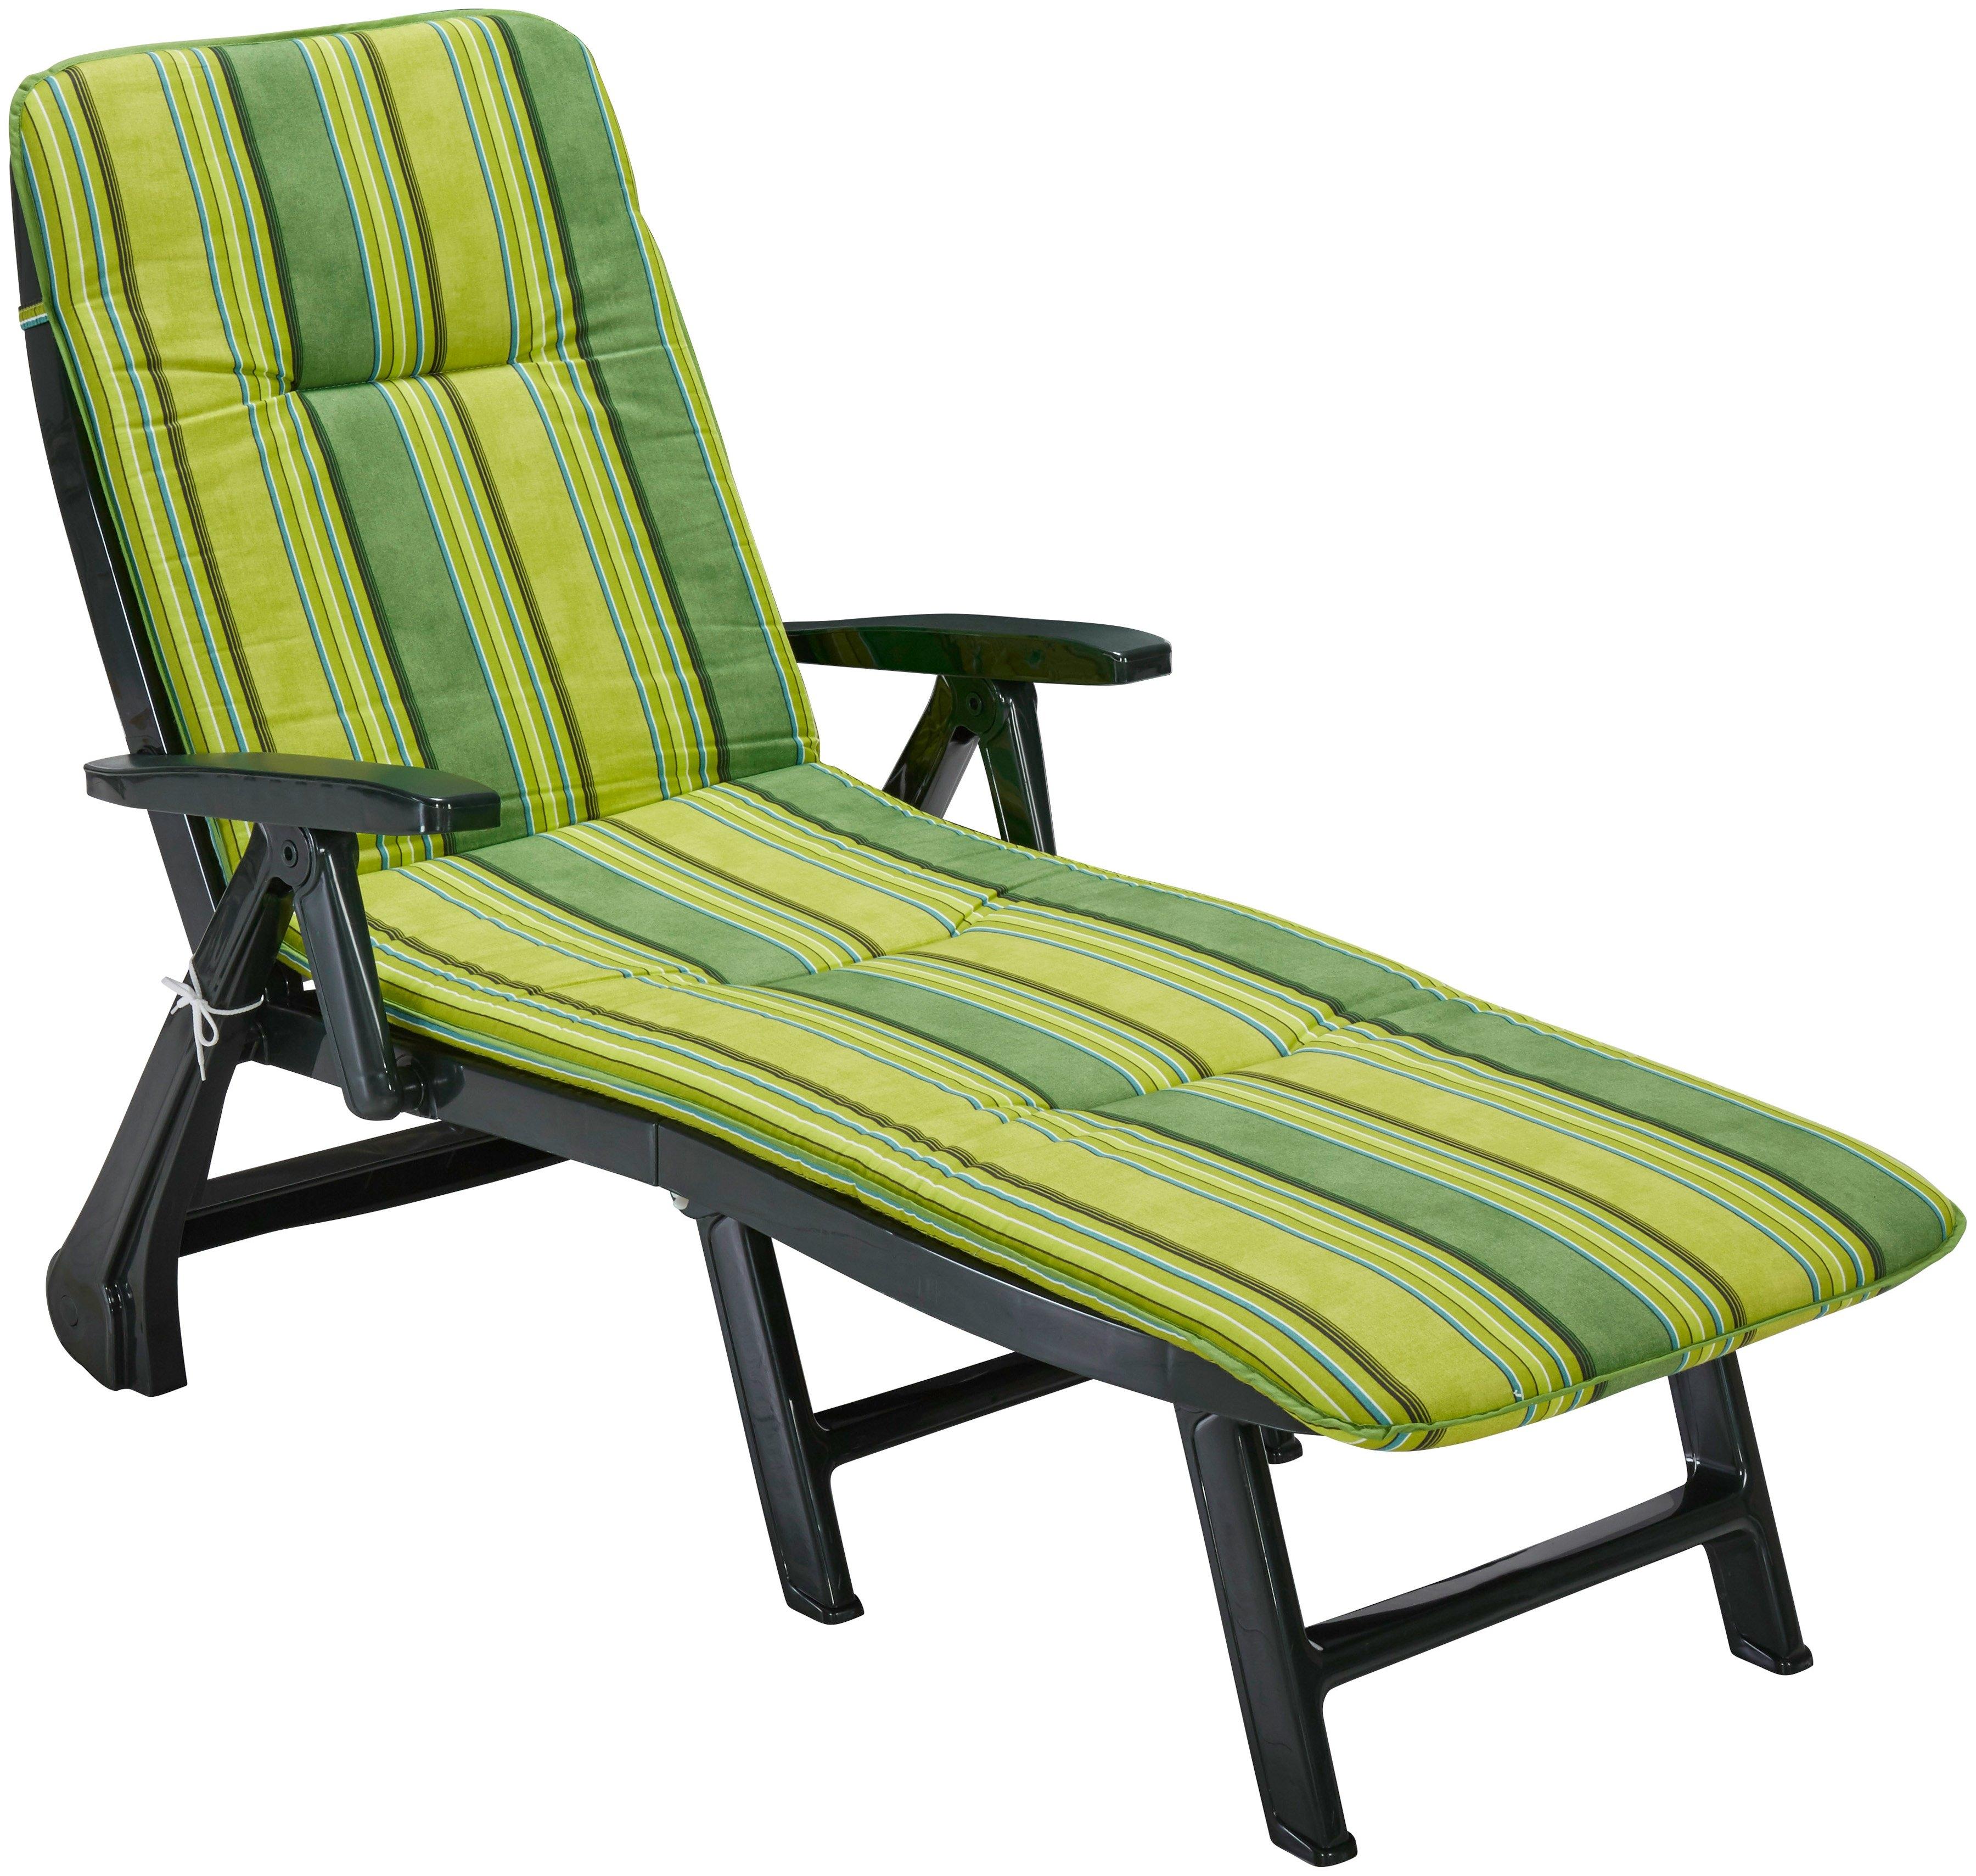 tuinmeubelen kopen ontdek onze gevarieerde collectie. Black Bedroom Furniture Sets. Home Design Ideas